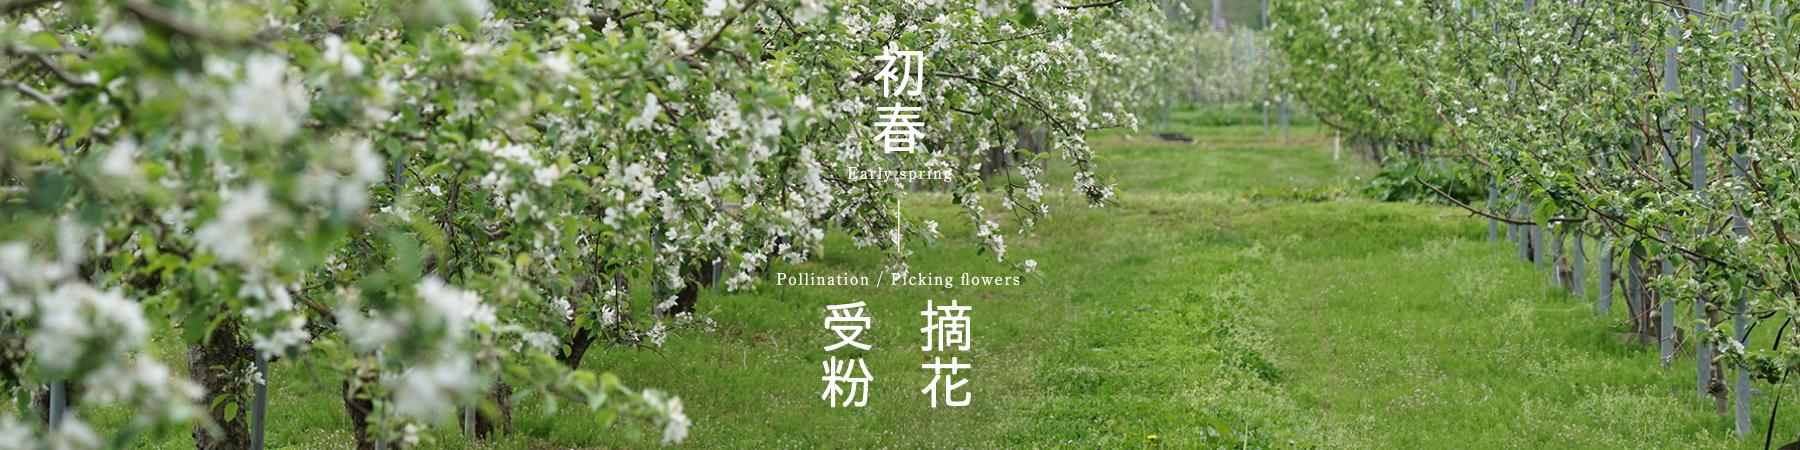 春 摘花 受粉